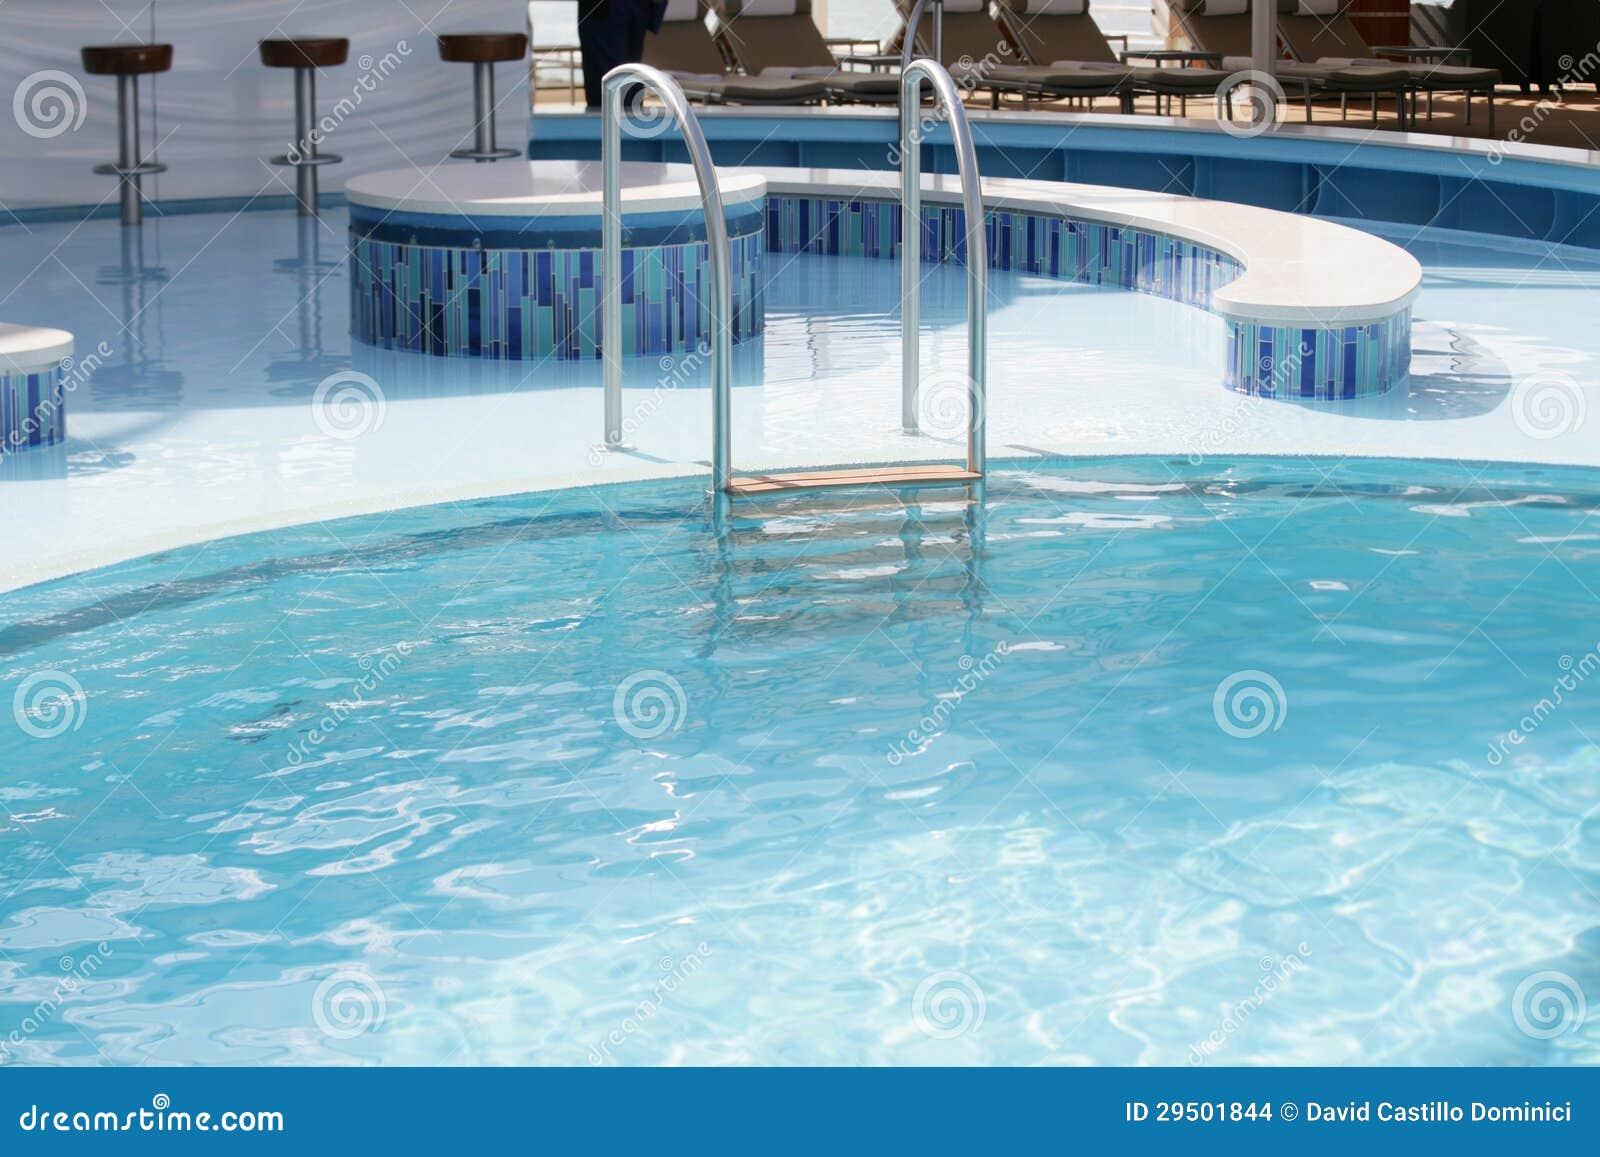 Escada da piscina imagens de stock imagem 29501844 - Business plan piscina ...